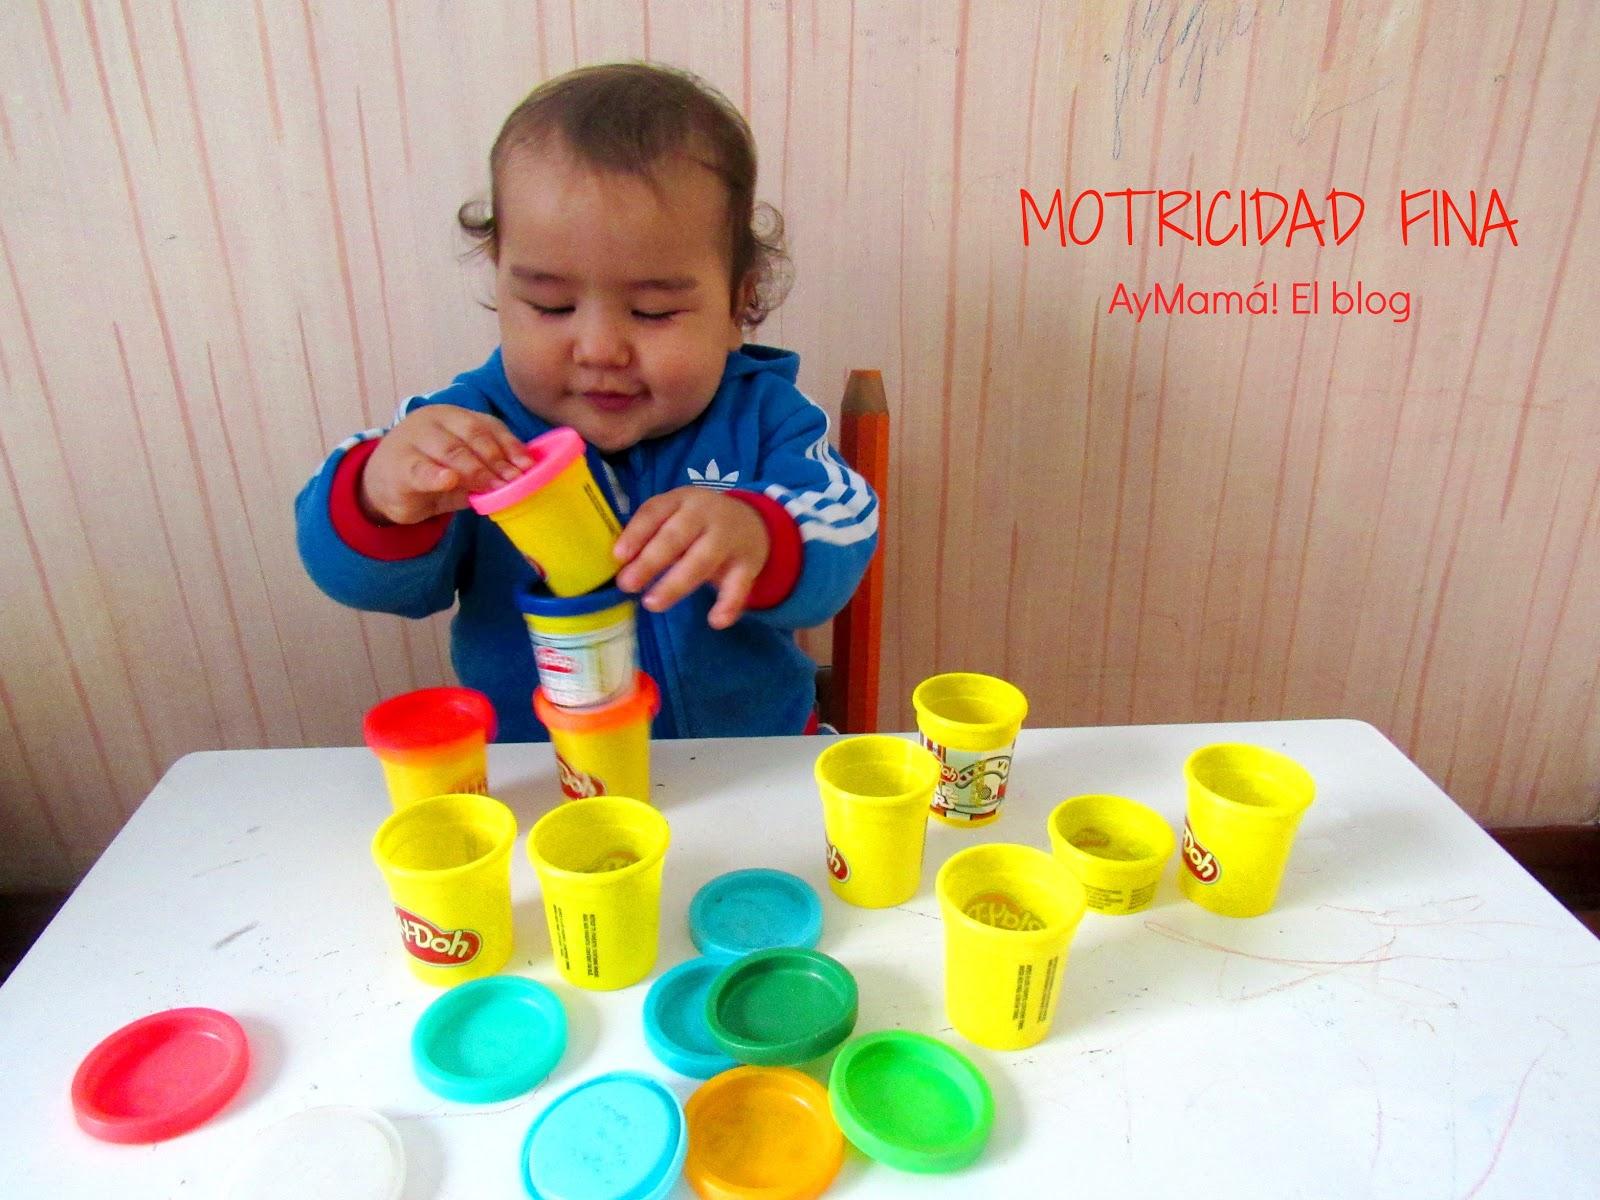 Aymam el blog 5 juegos para desarrollar la motricidad - Juegos con ninos en casa ...